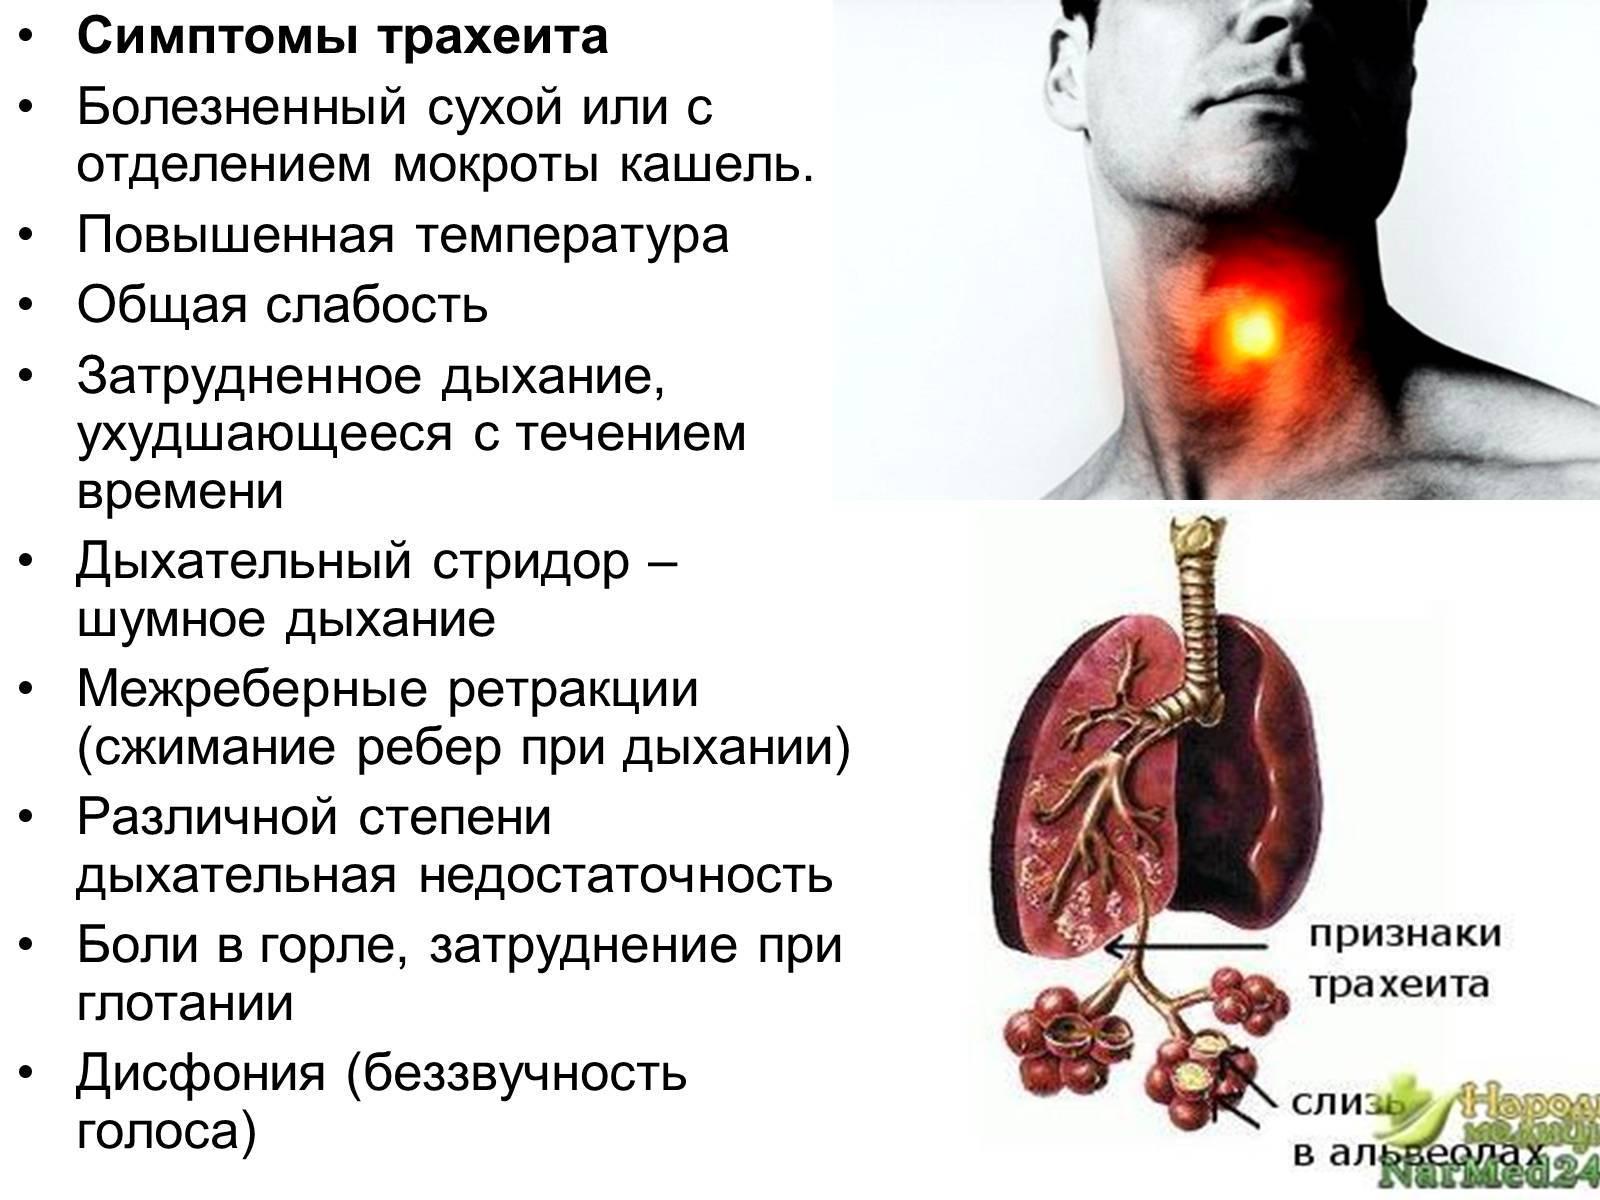 острый трахеит симптомы и лечение у взрослых